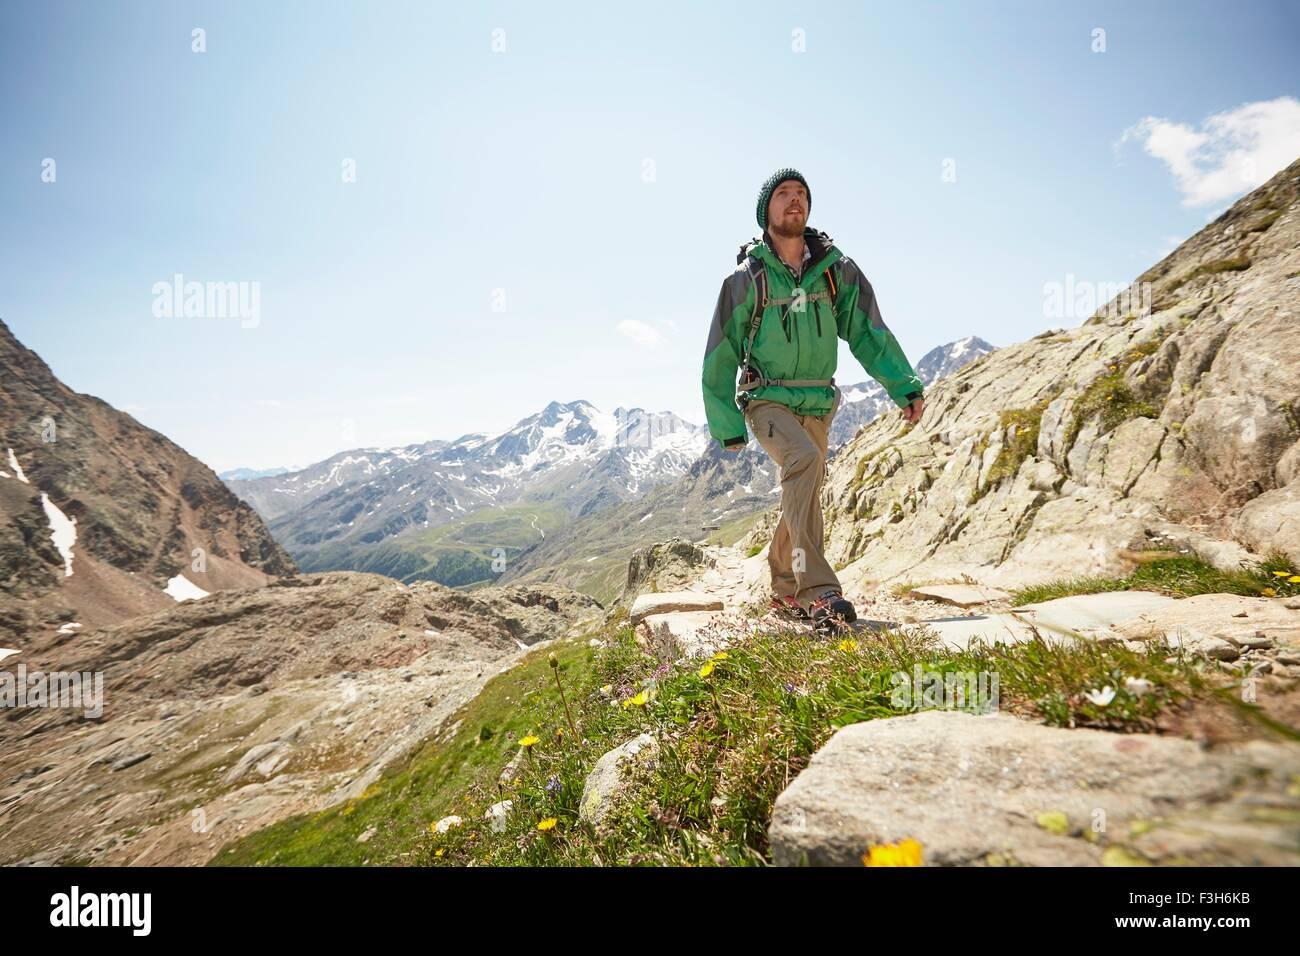 Junge männliche Wanderer Wandern Val Senales Glacier, Val Senales, Südtirol, Italien Stockbild